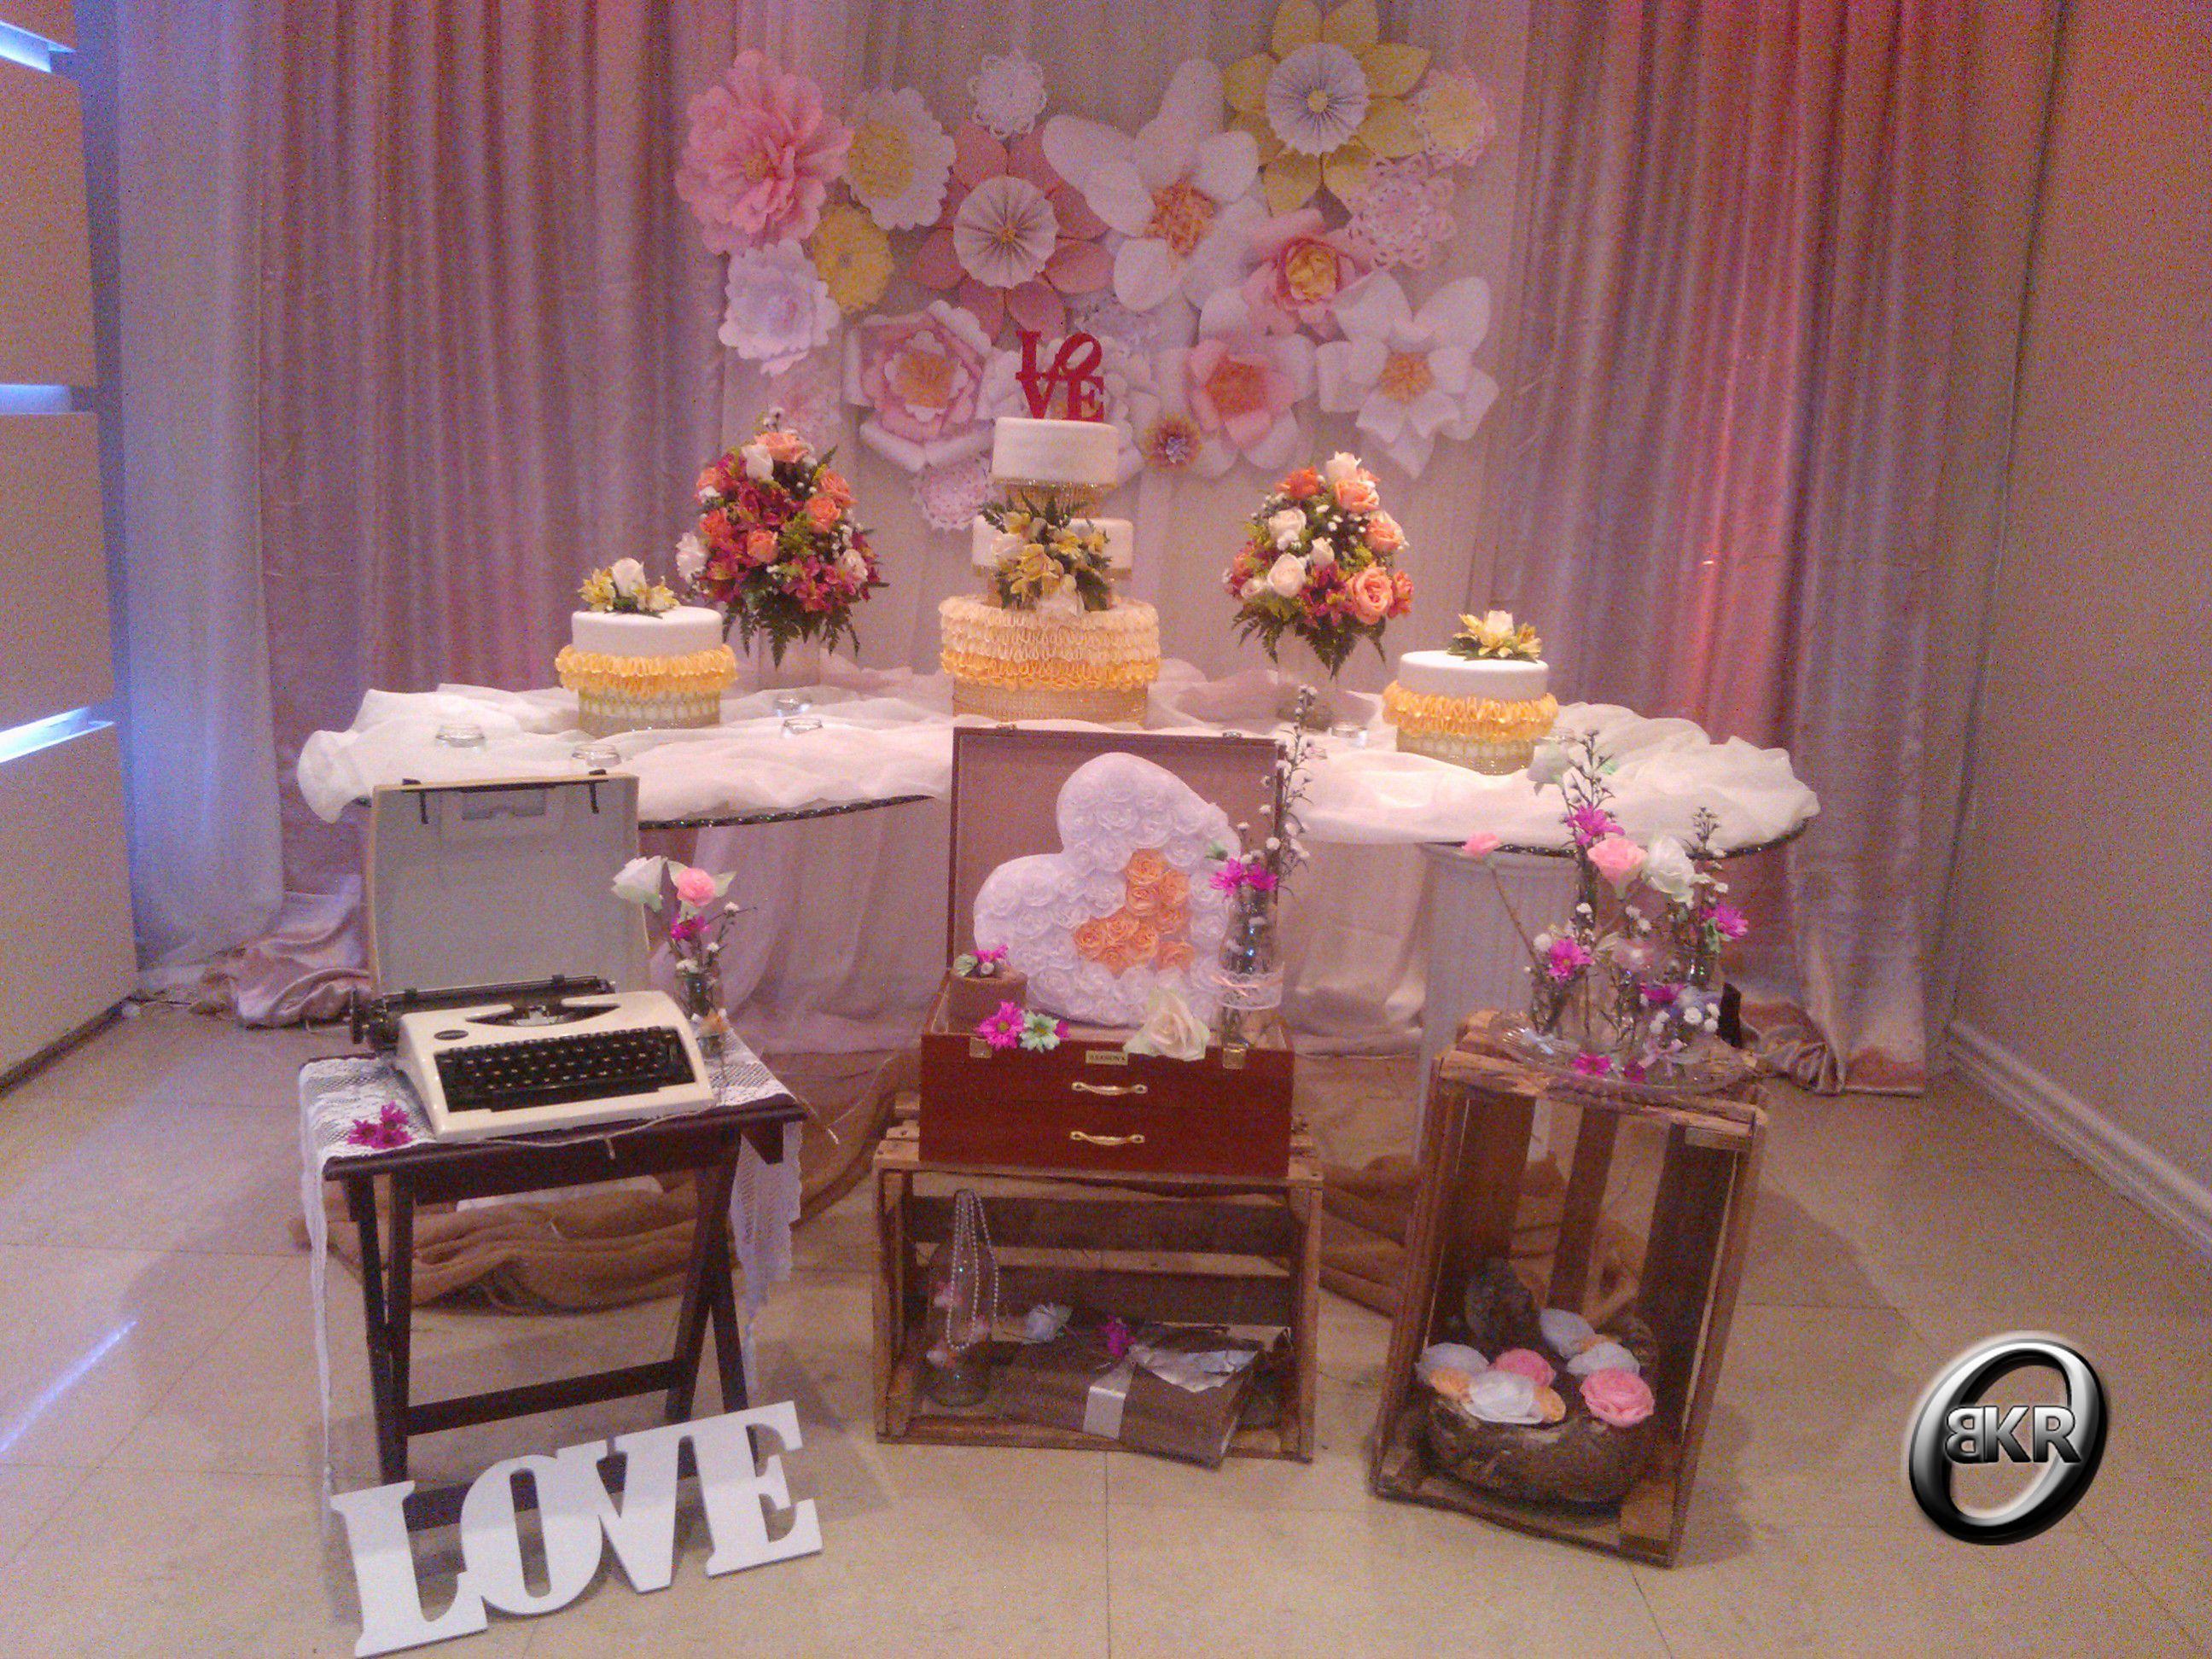 Decoraci n vintage para una boda mis decoraciones para for Decoracion fiesta vintage